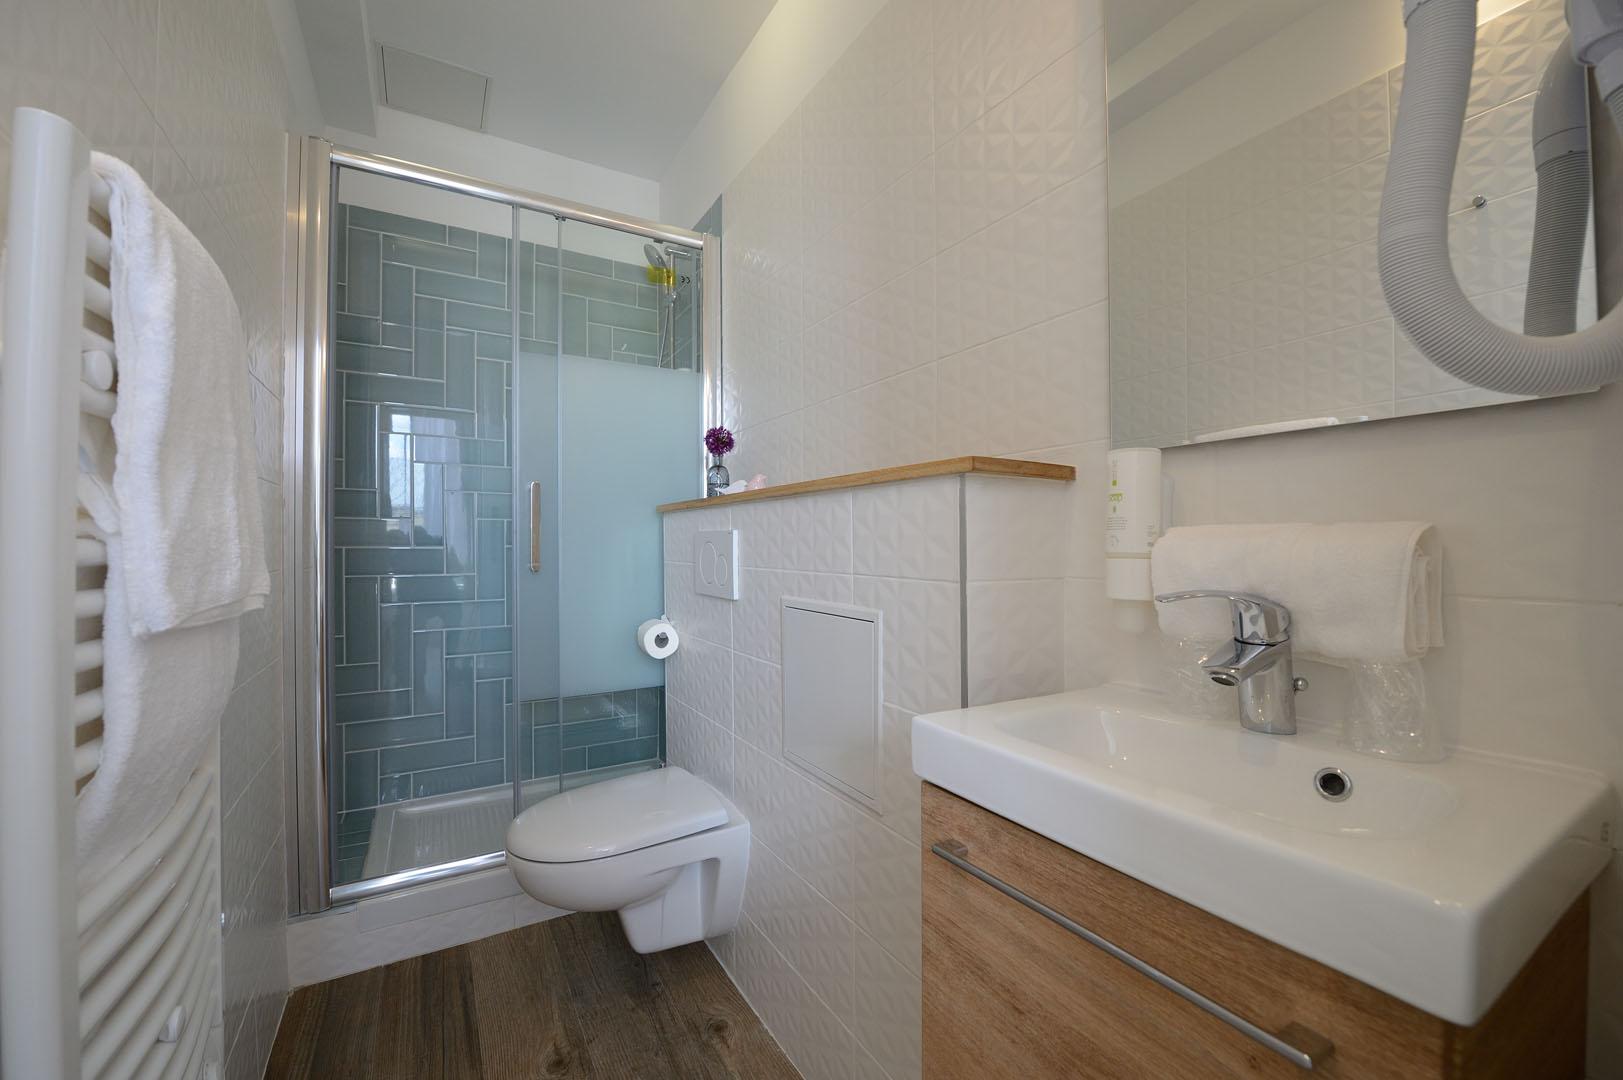 salle de bain moderne,